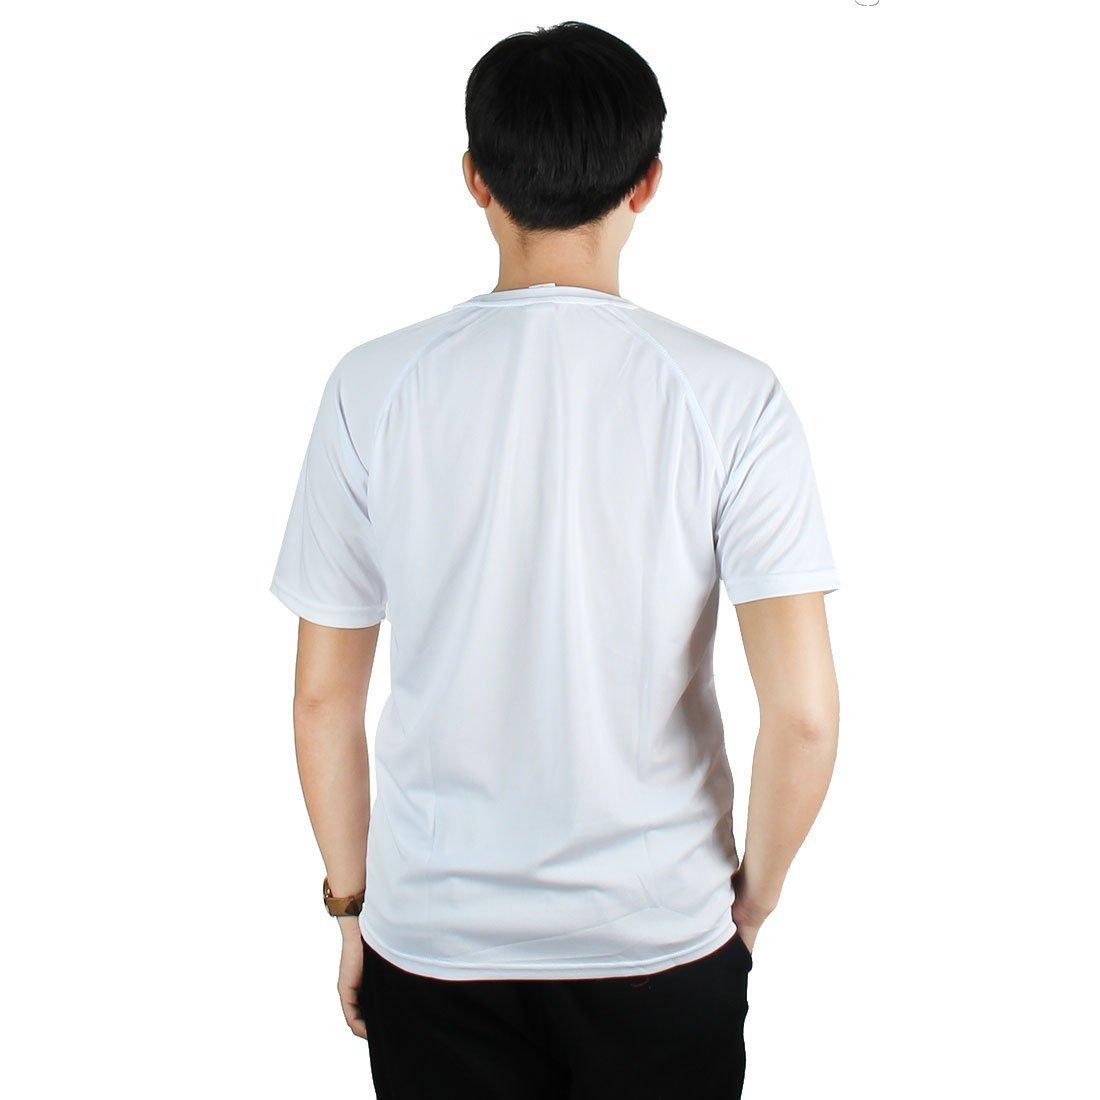 Amazon.com : eDealMax Hombres Ejercicio Publicidad, poliéster, secado rápido y transpirable de Manga Corta Deportes Camiseta, XL/L (Los 44) Blanca : Sports ...